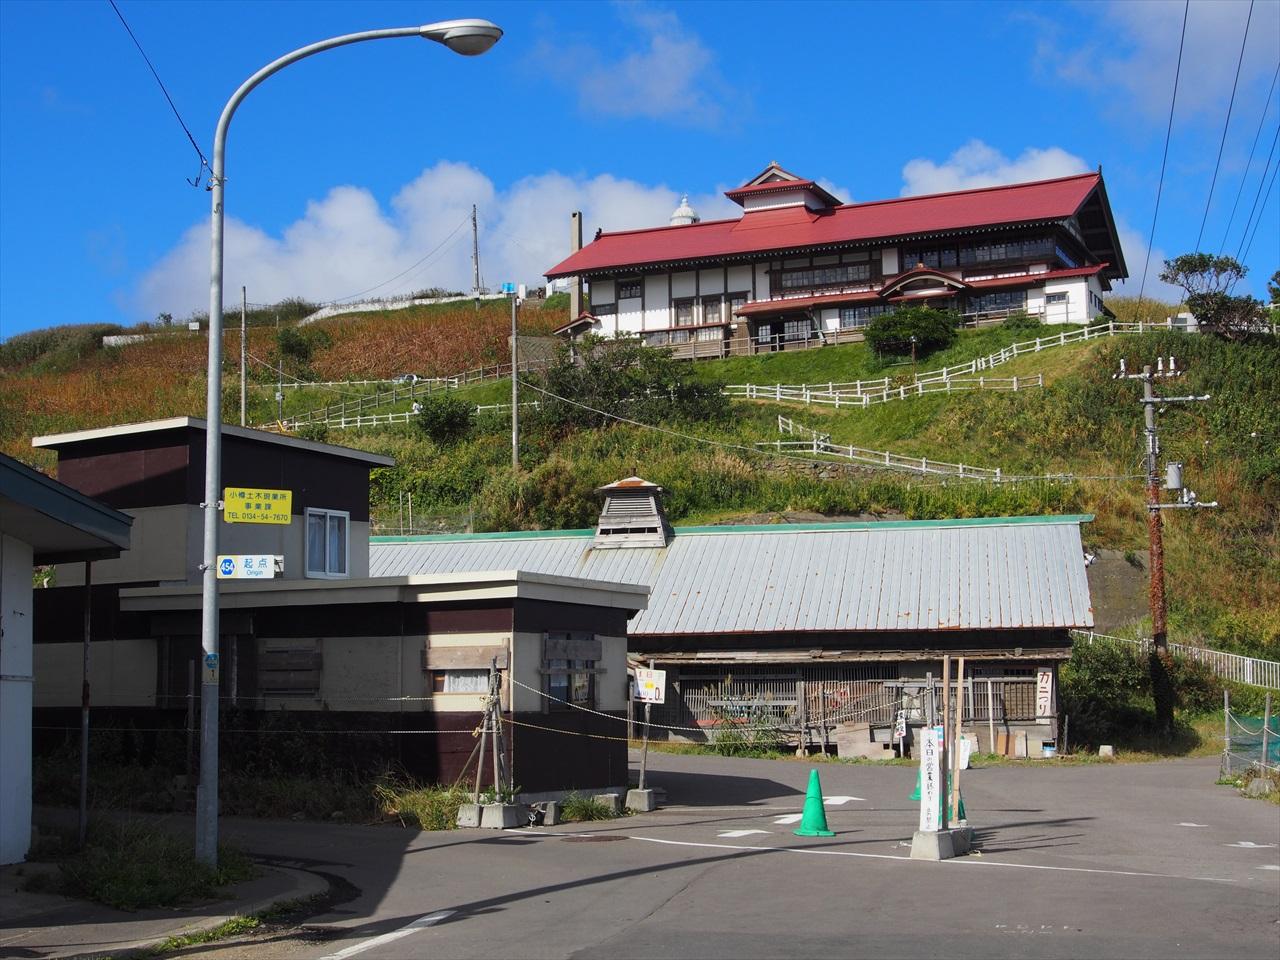 下から見上げた小樽市鰊御殿